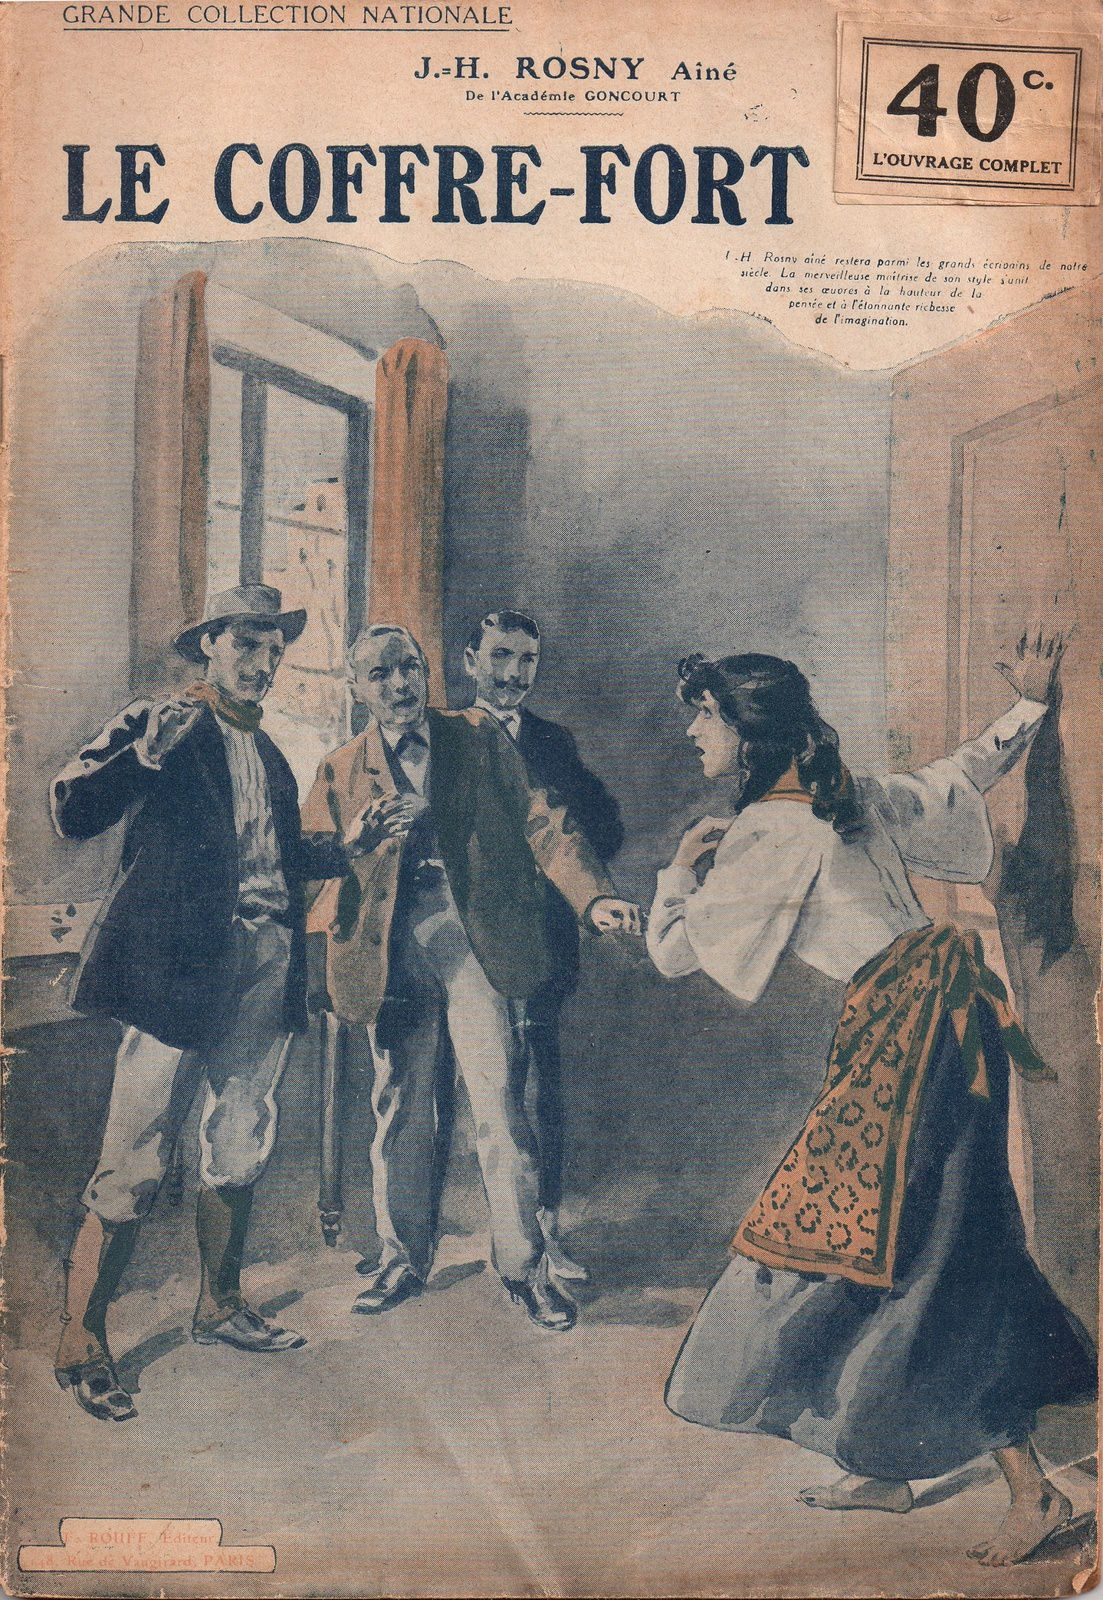 """J.-H. Rosny aîné """"Le Coffre-fort, suivi de contes"""" (F. Rouff - s.d.) [Retirage]"""